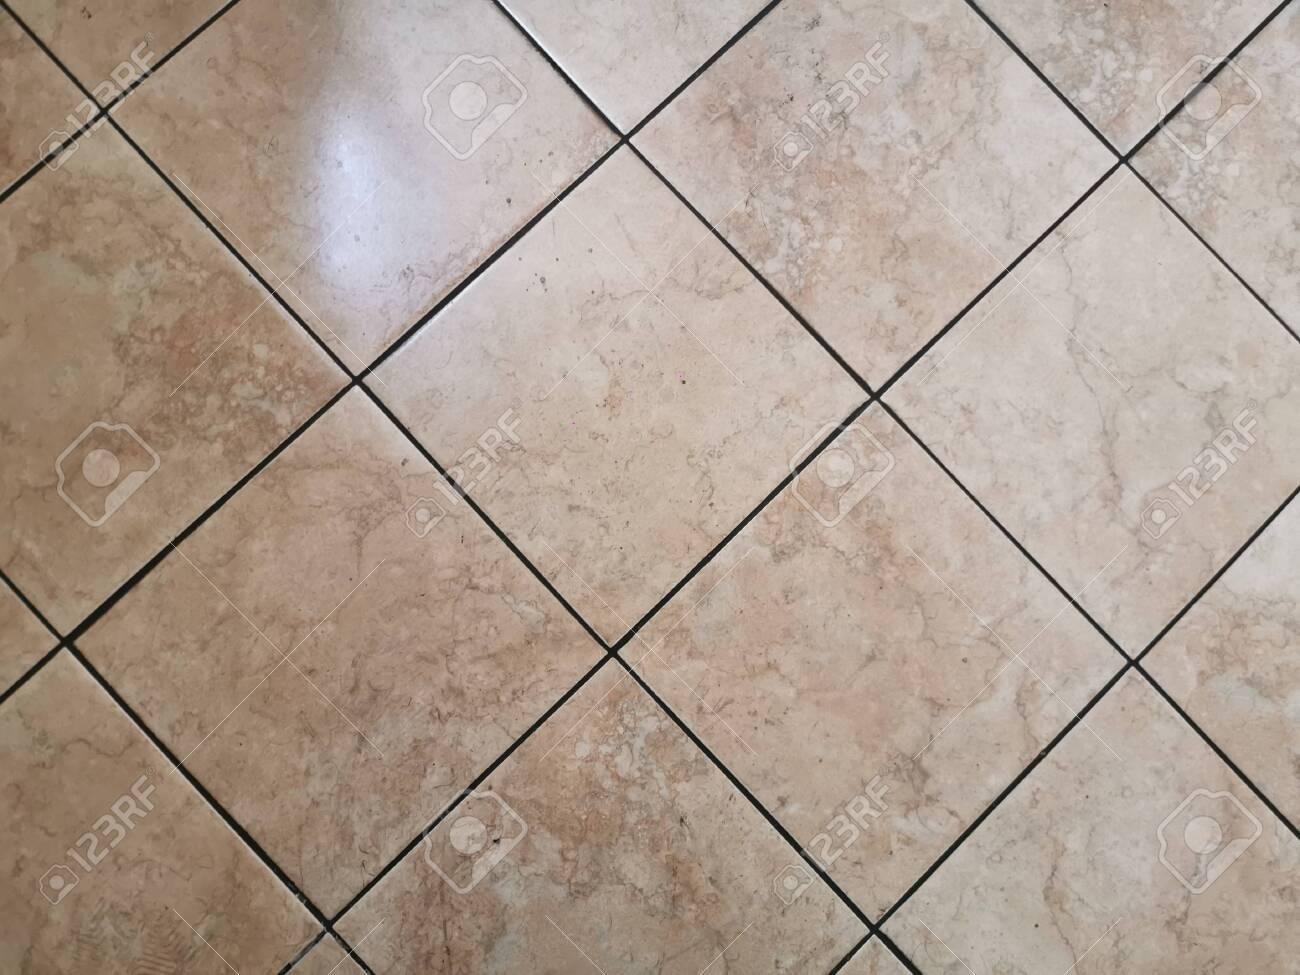 bathroom white ceramic tile floor texture